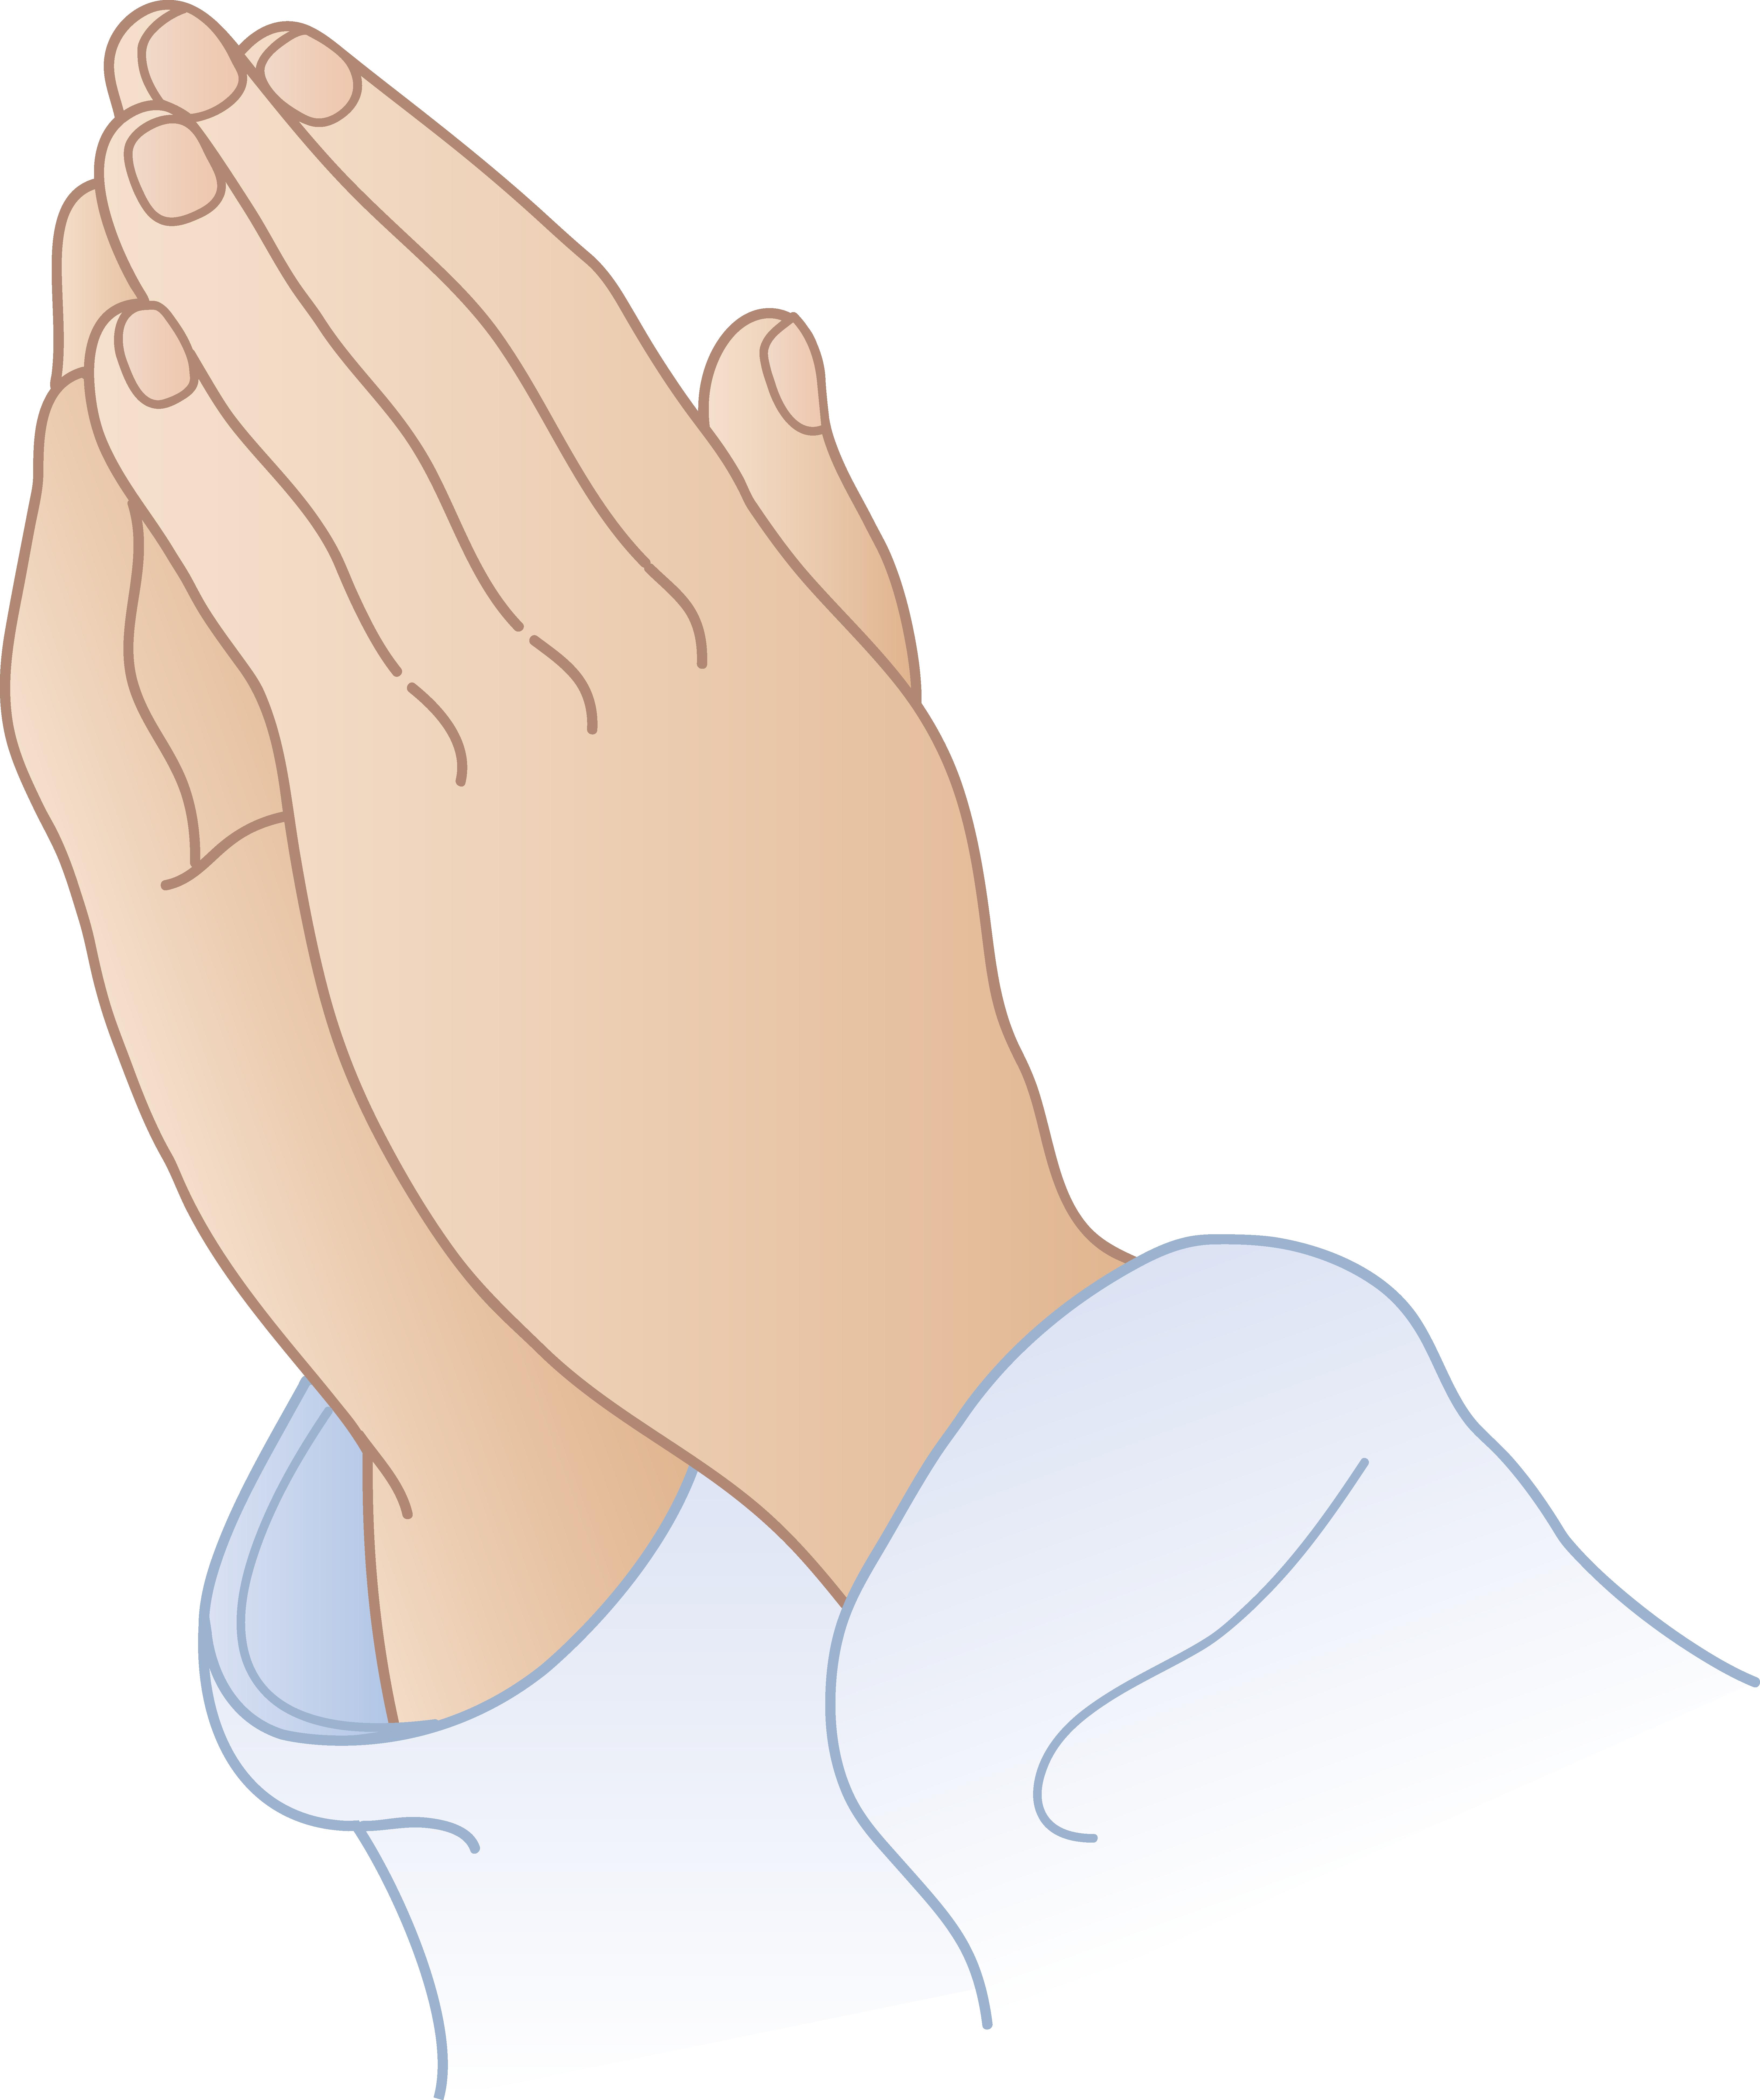 6530x7791 Praying Hands Clipart